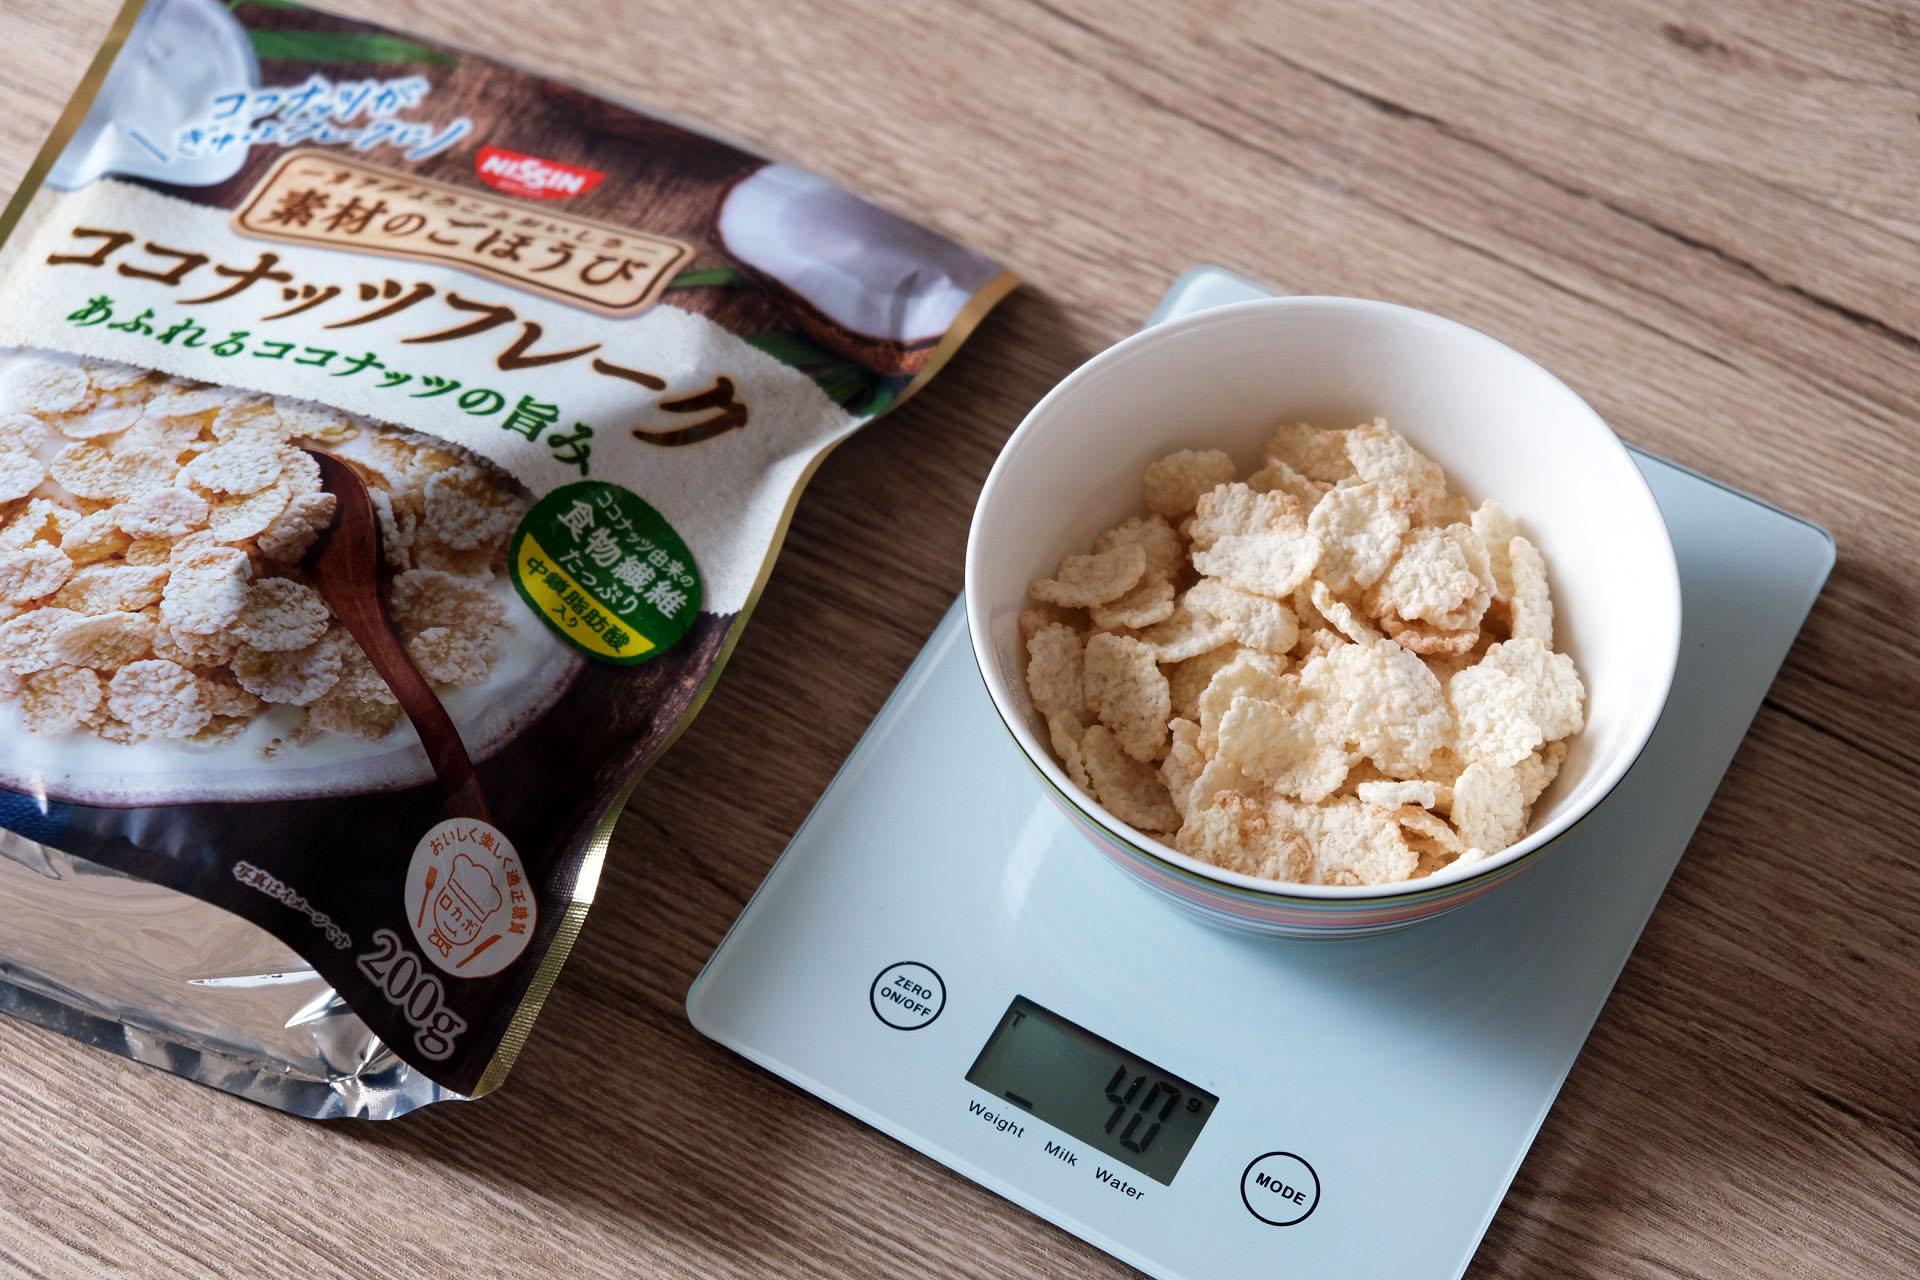 「素材のごほうび ココナッツフレーク」の1食分はどれ位?グラムごとの量の目安と牛乳・ヨーグルト・豆乳をかけた時の栄養成分まとめ